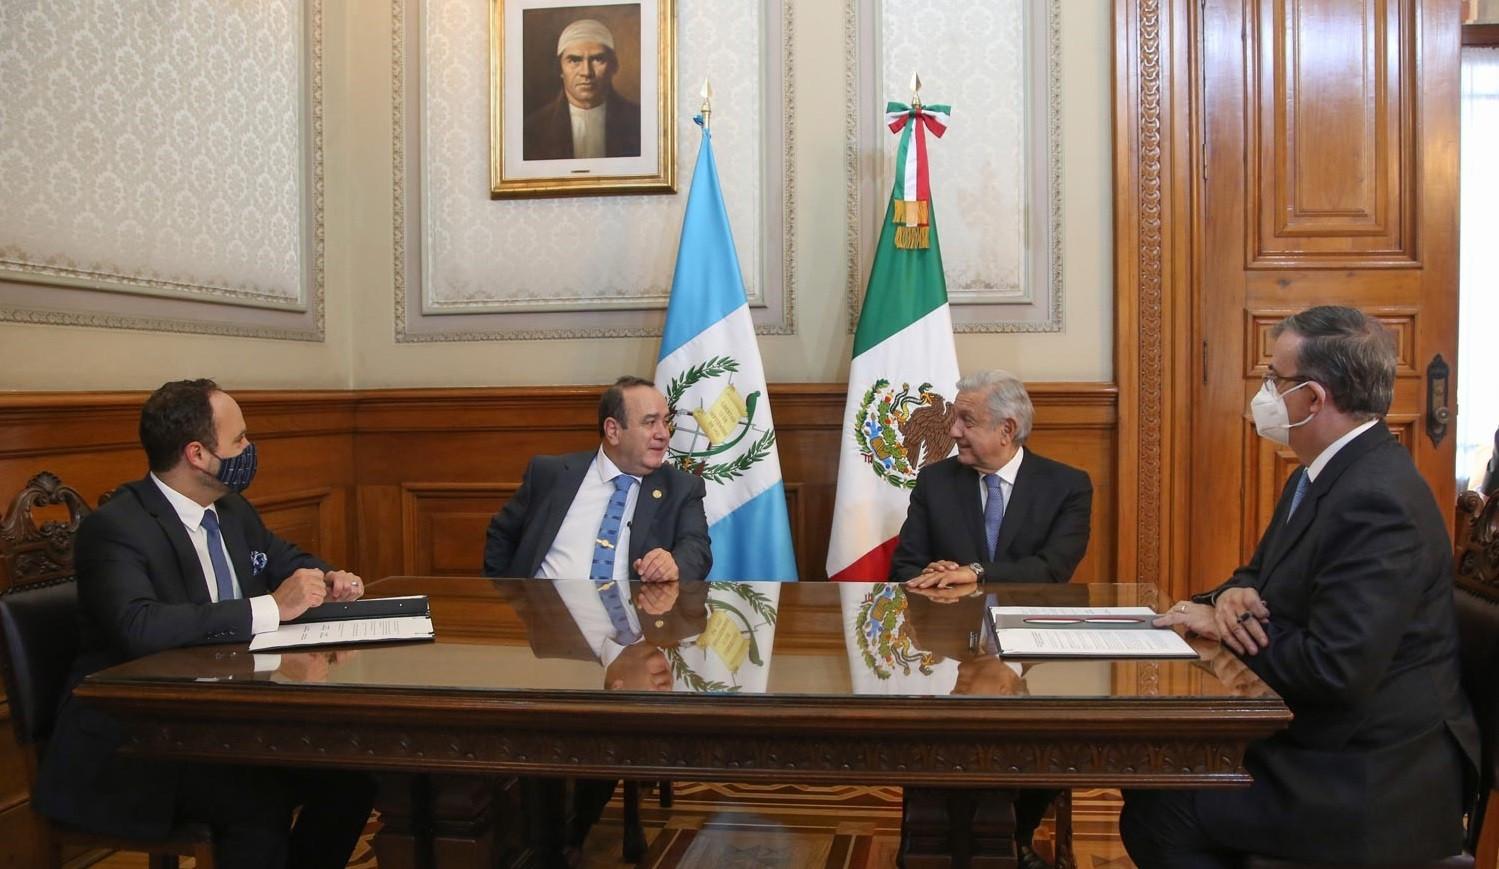 Firman carta de intencion para implementar Jovenes Construyendo el Futuro y Sembrando Vida en Guatemala